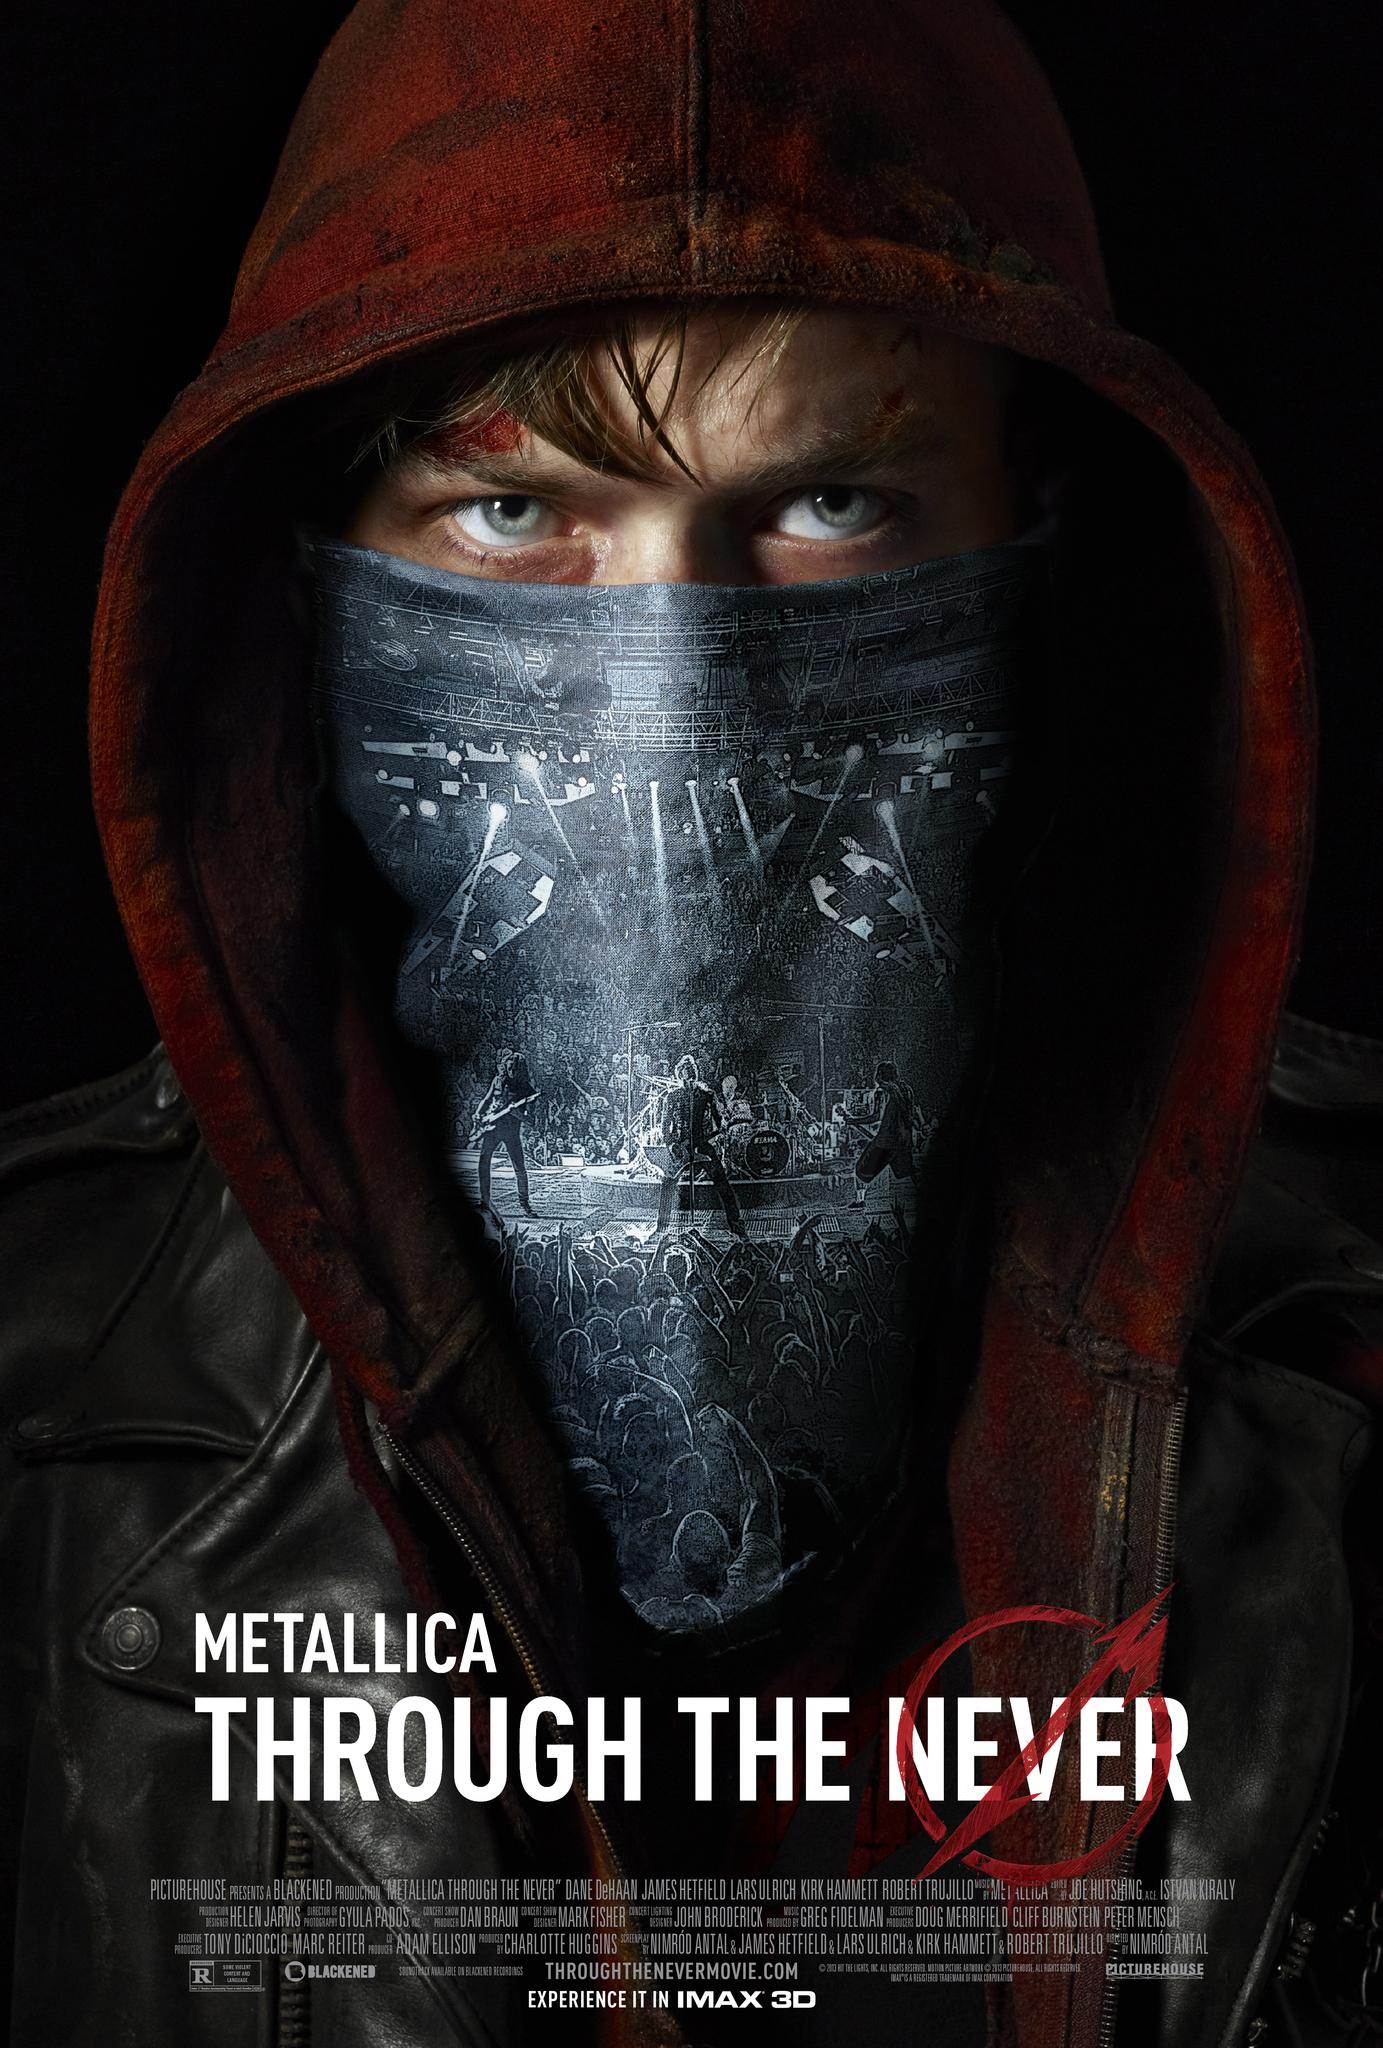 ดูหนังออนไลน์ Metallica Through the Never (2013)